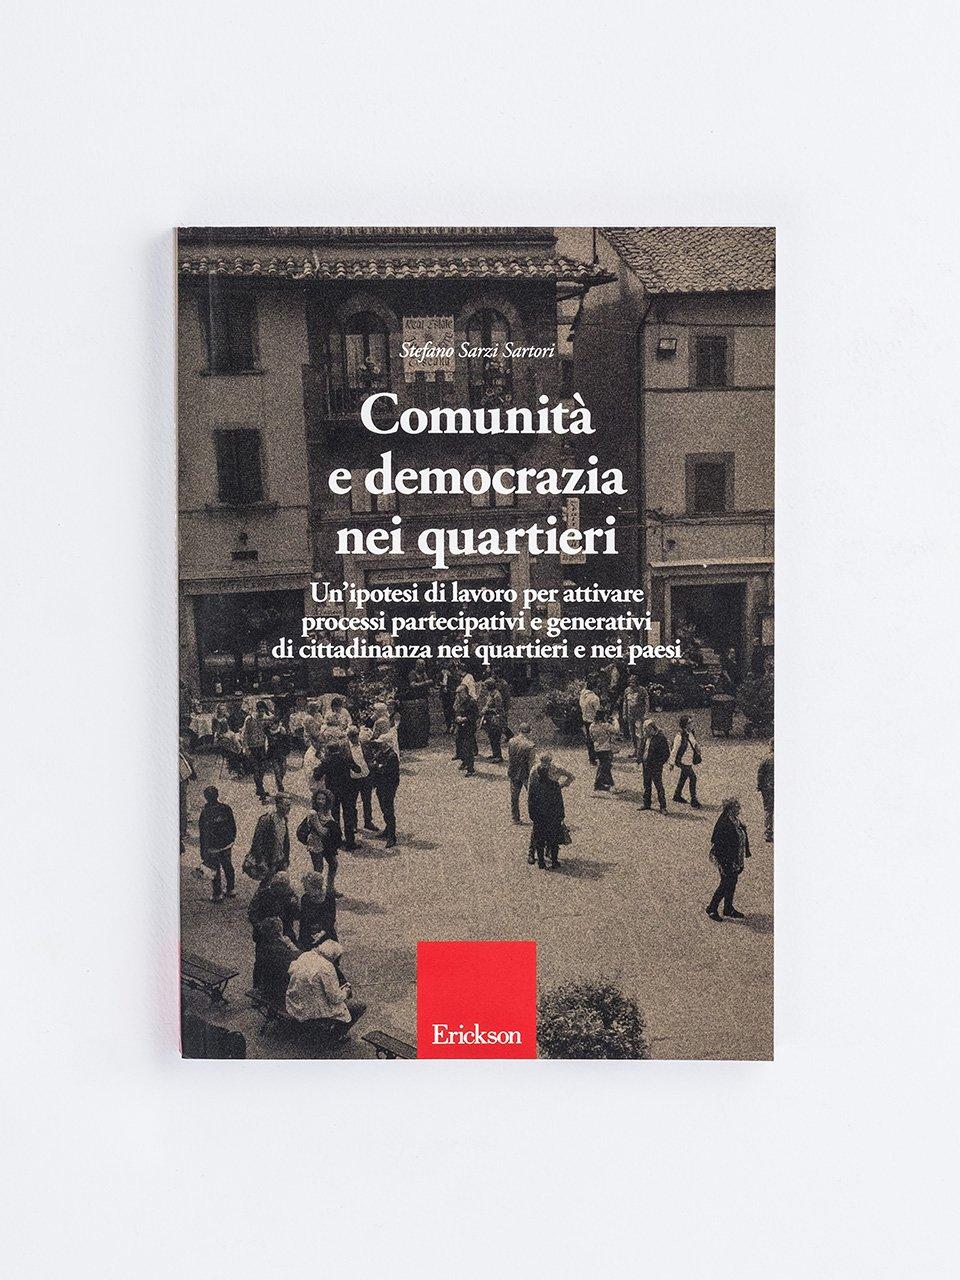 Comunità e democrazia nei quartieri - Gli assassini del pensiero - Libri - Erickson